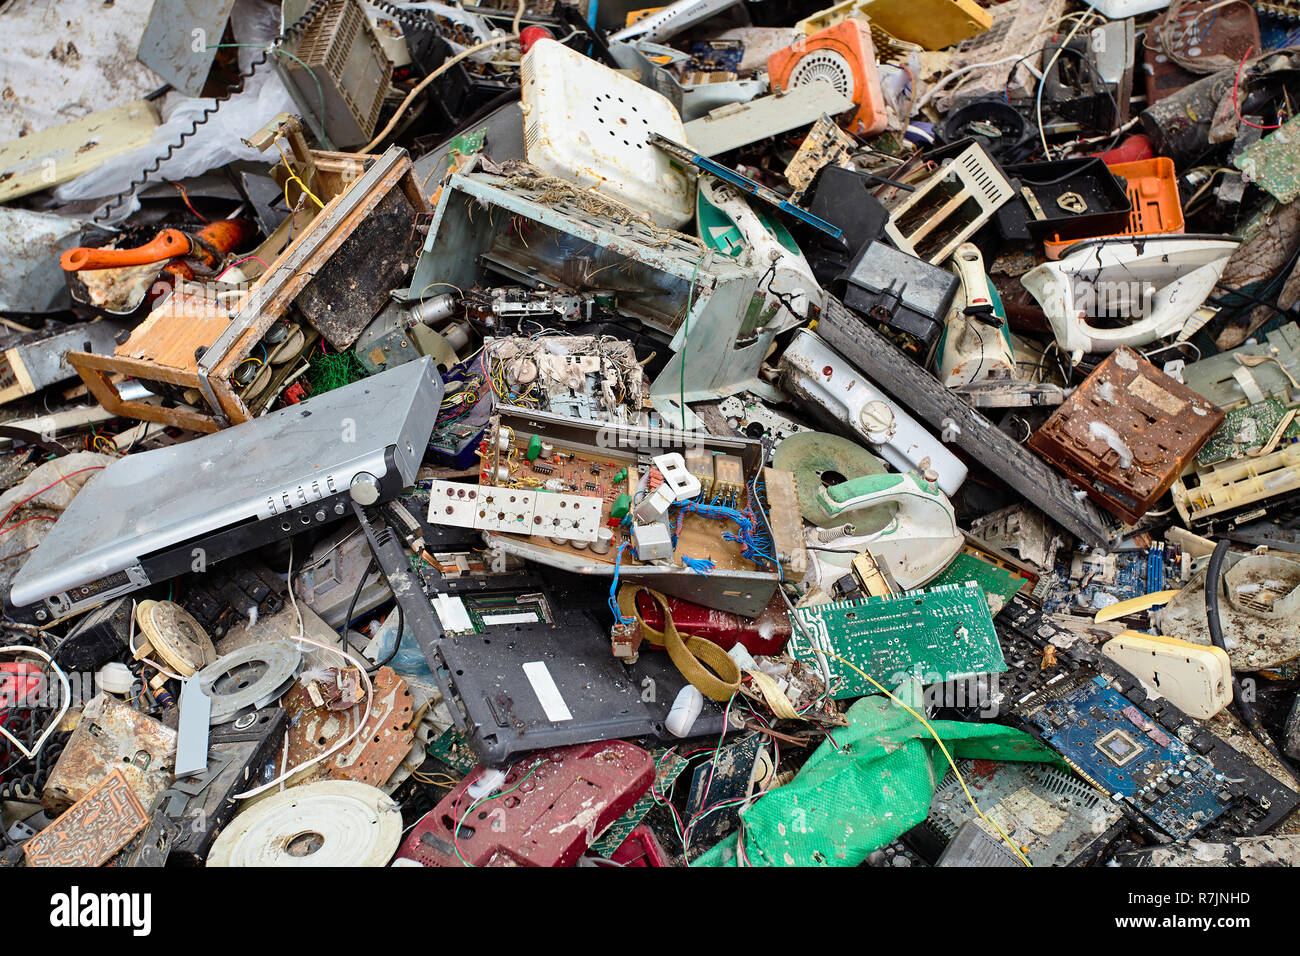 Moderno impianto di smistamento dei rifiuti e il riciclaggio. Rifiuti elettronici è ordinato e preparati per un ulteriore trattamento di riutilizzo. Concetto di ambiente di conservazione Immagini Stock